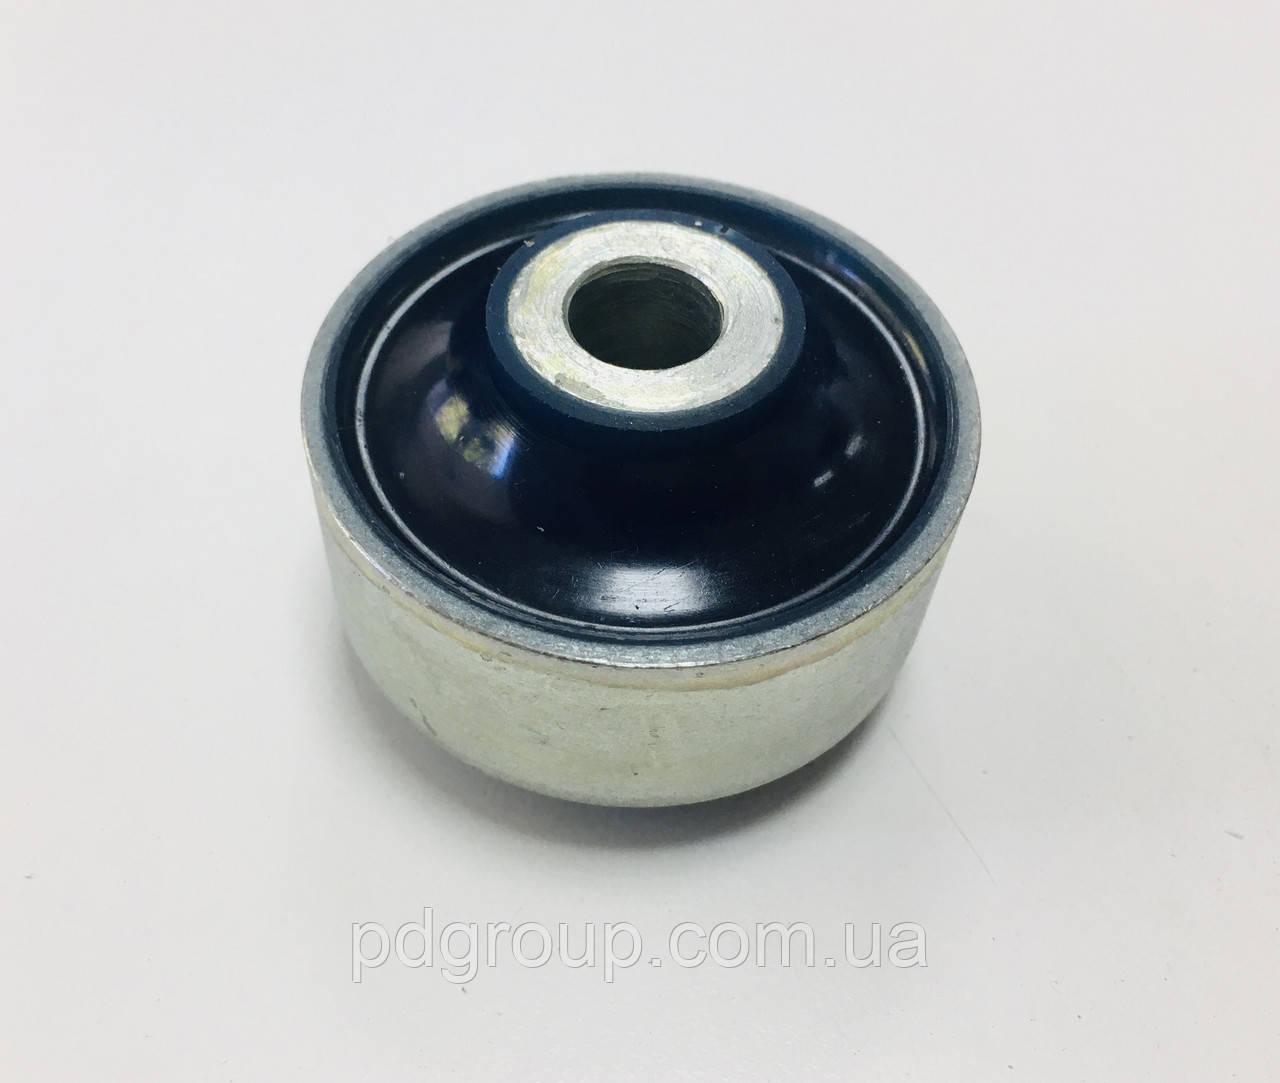 Сайлентблок переднего рычага задний SEAT (VAG 1J0 407 181)